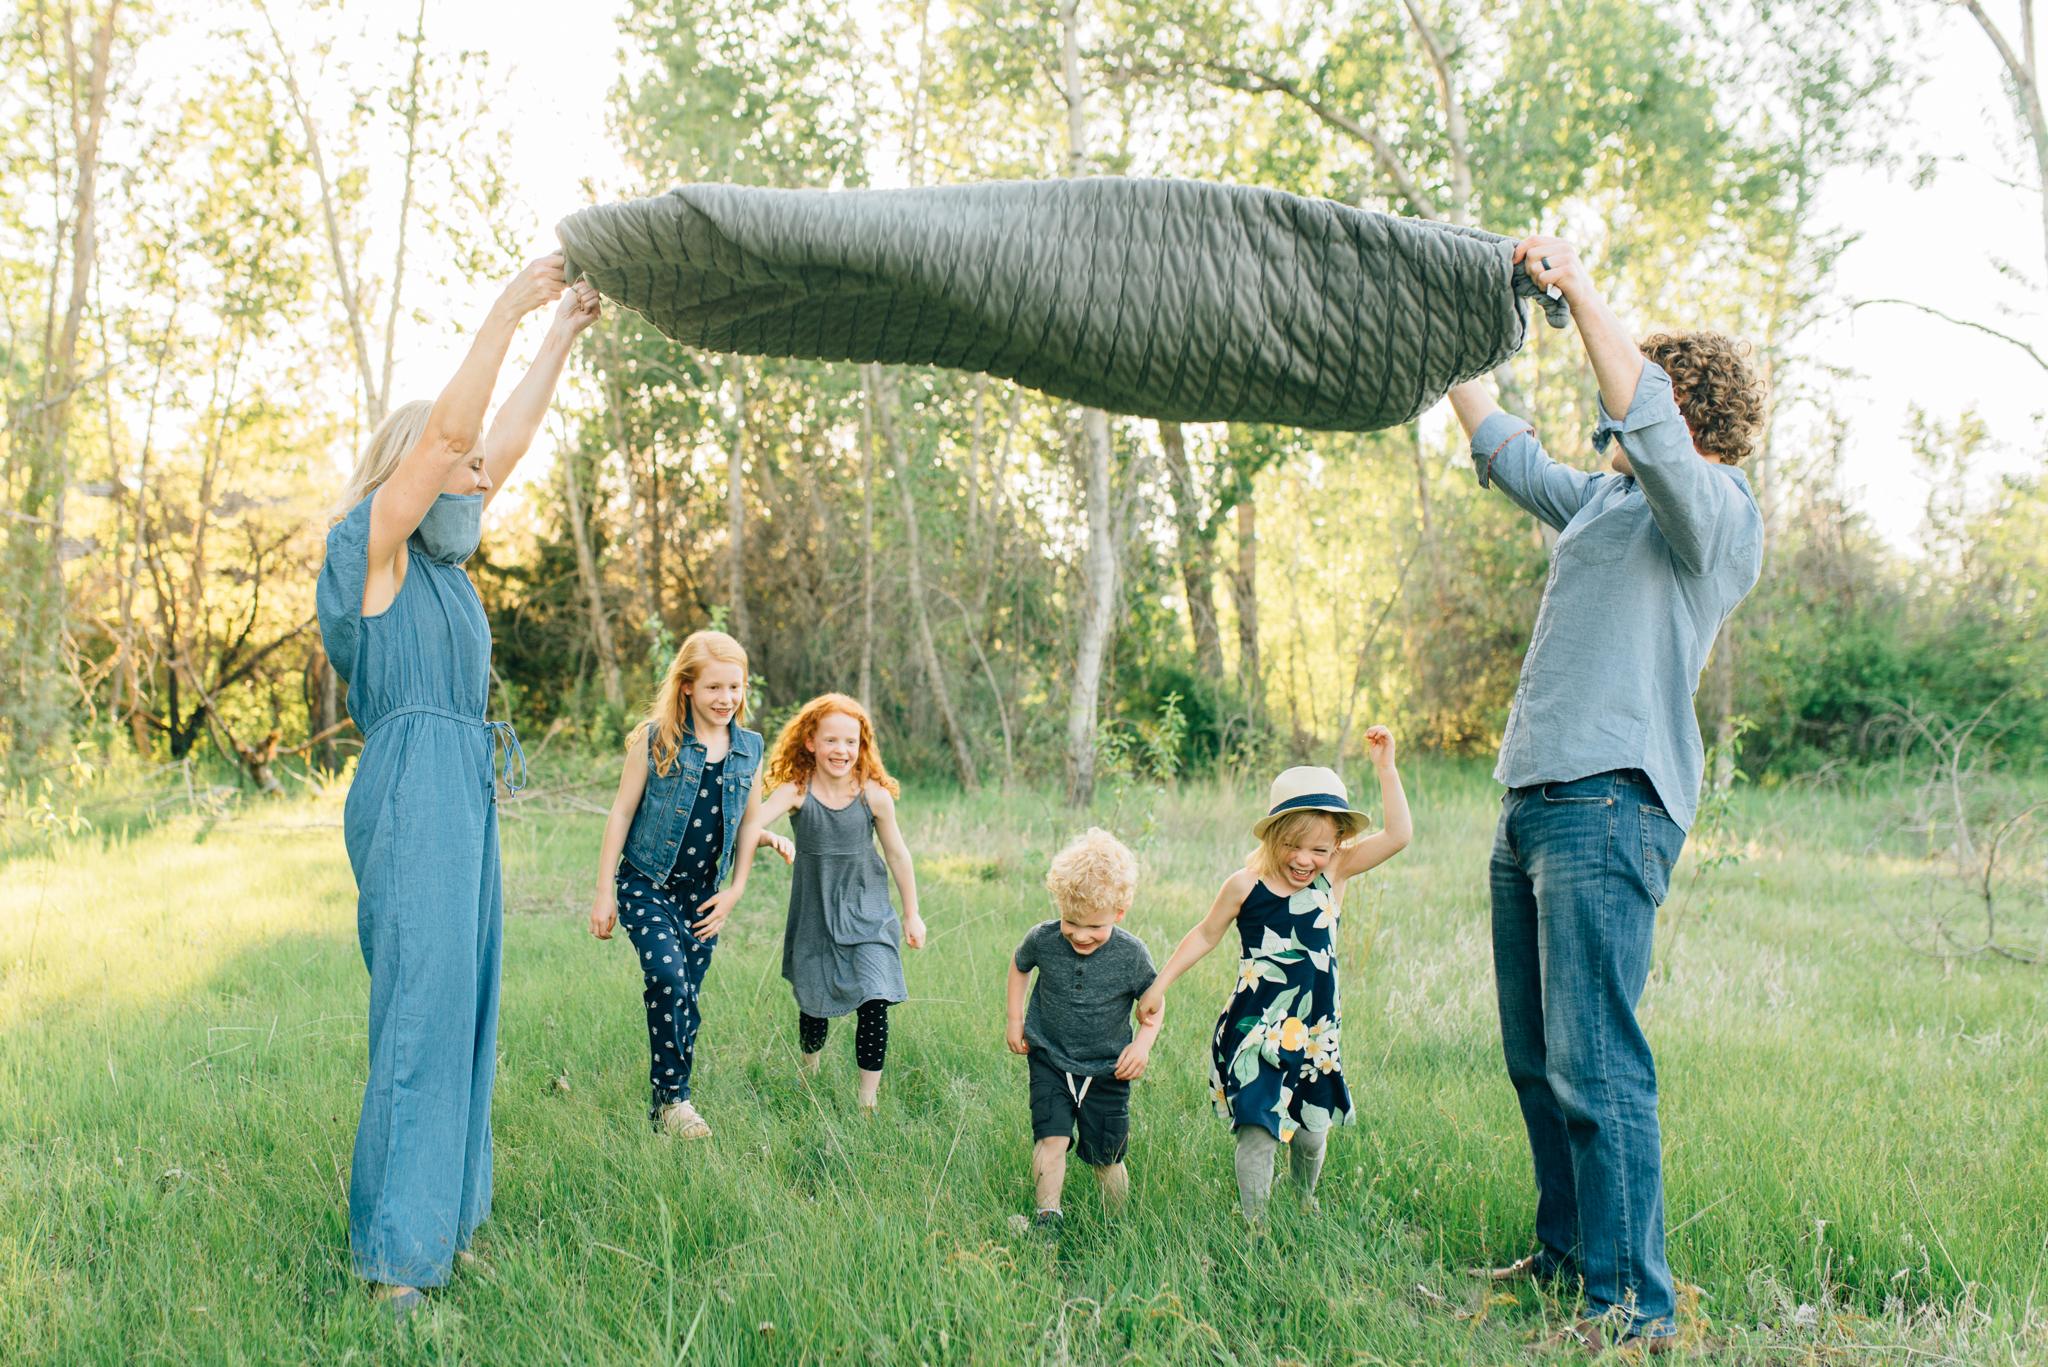 boise family lifestyle session| barber park | boise family photographer | kids running under blanket